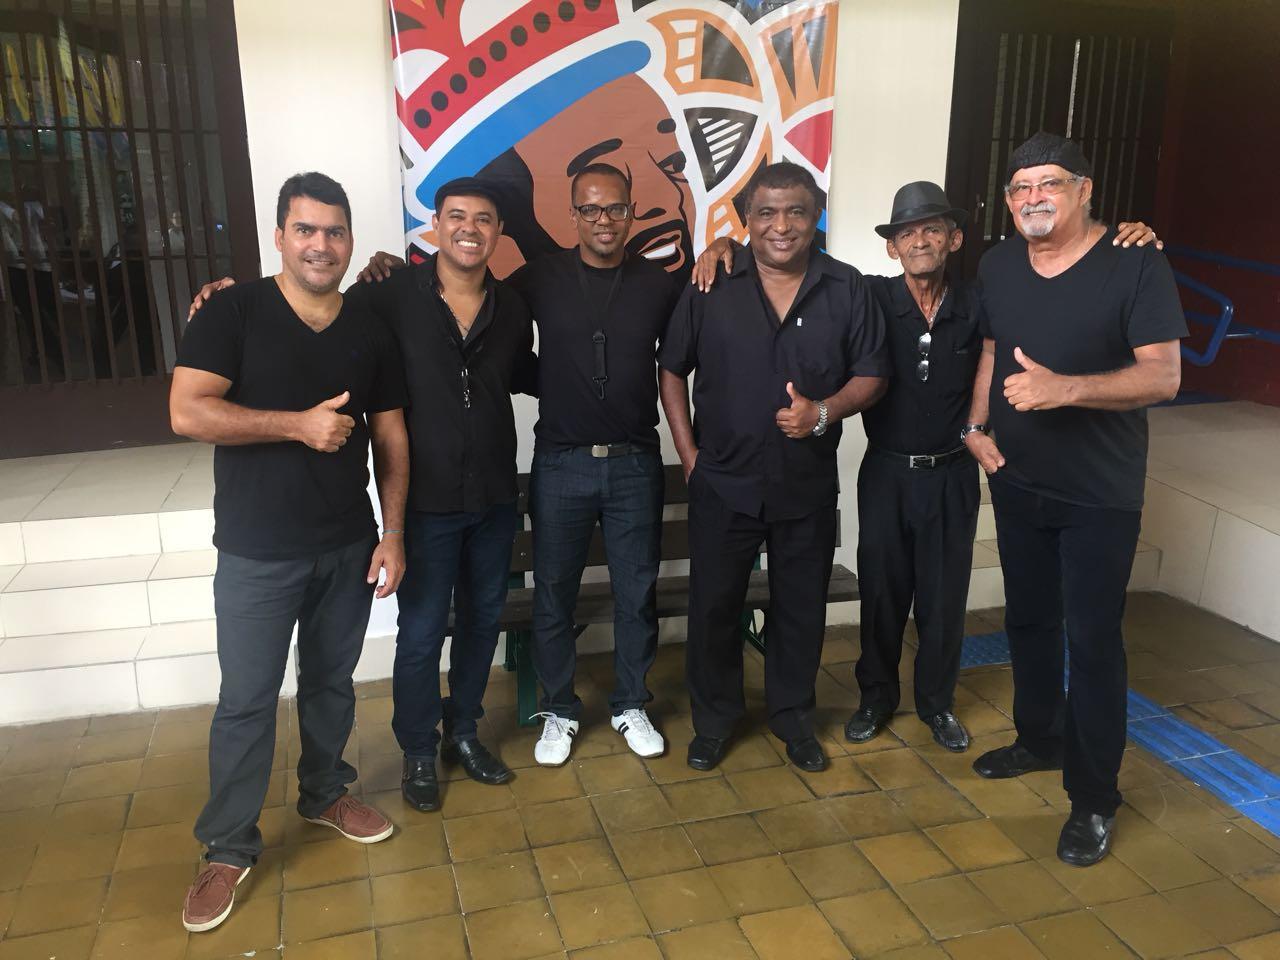 Orquestra das Pás comemora aniversário em grande estilo neste domingo 03/11.